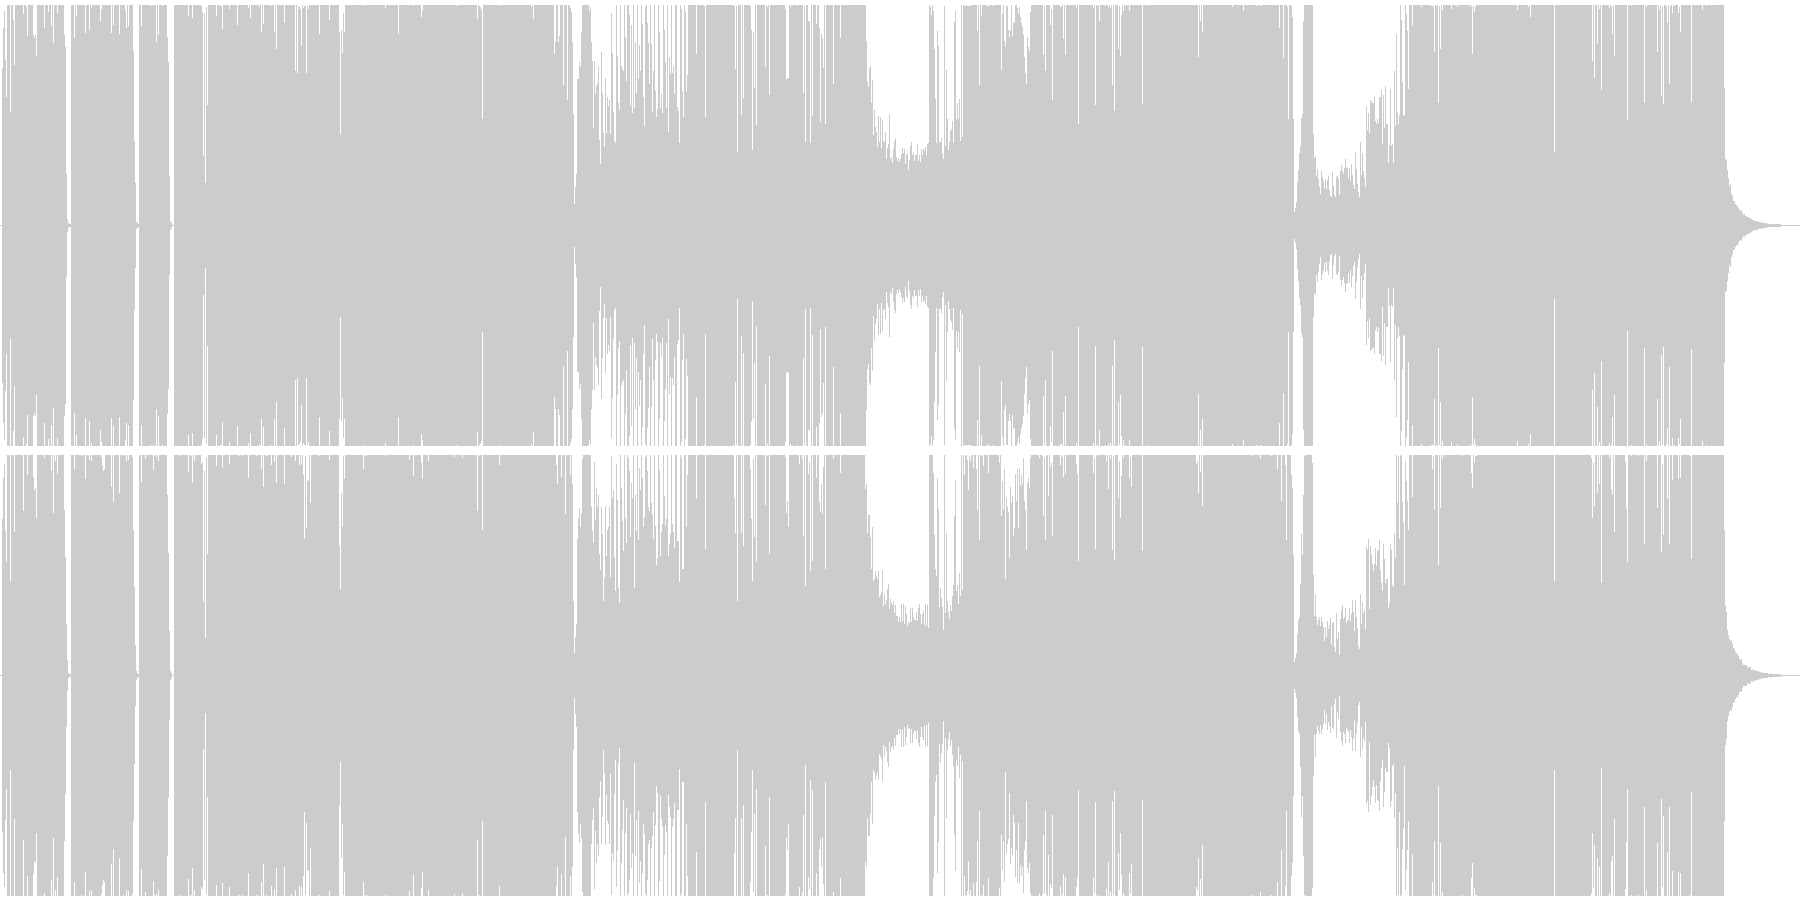 バトル系ヒップホップBGMの未再生の波形